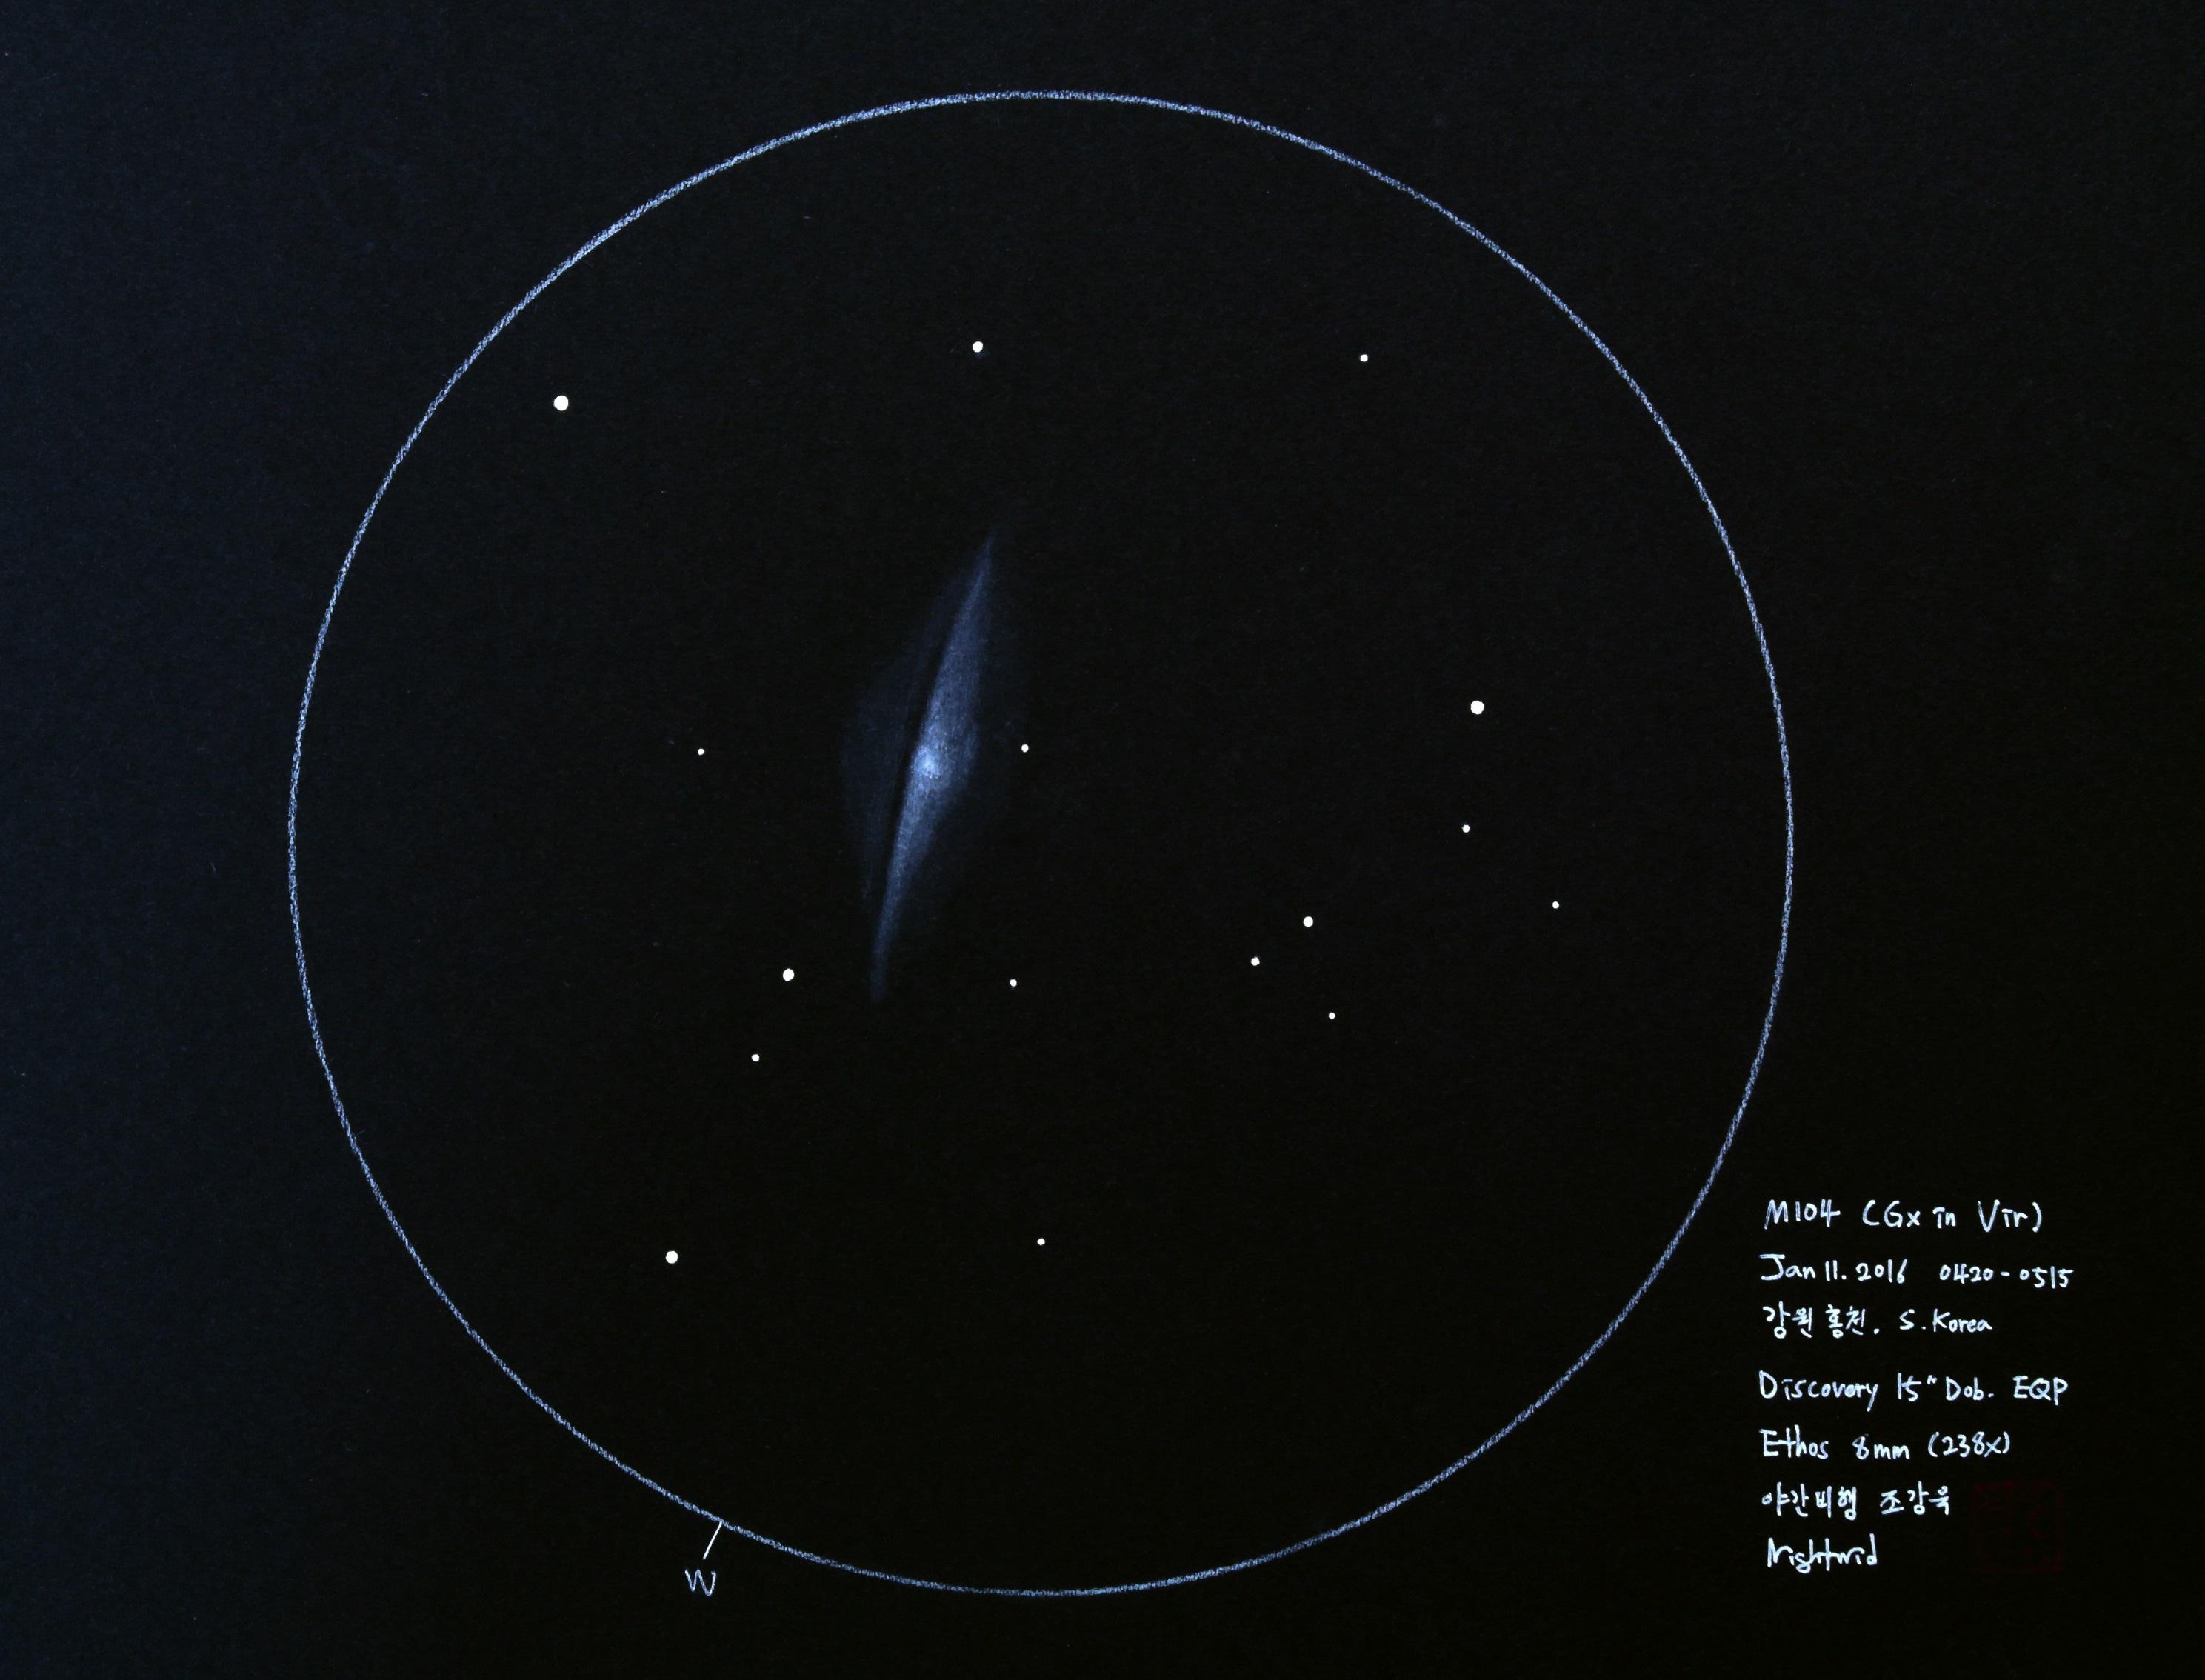 M104_sketch.JPG